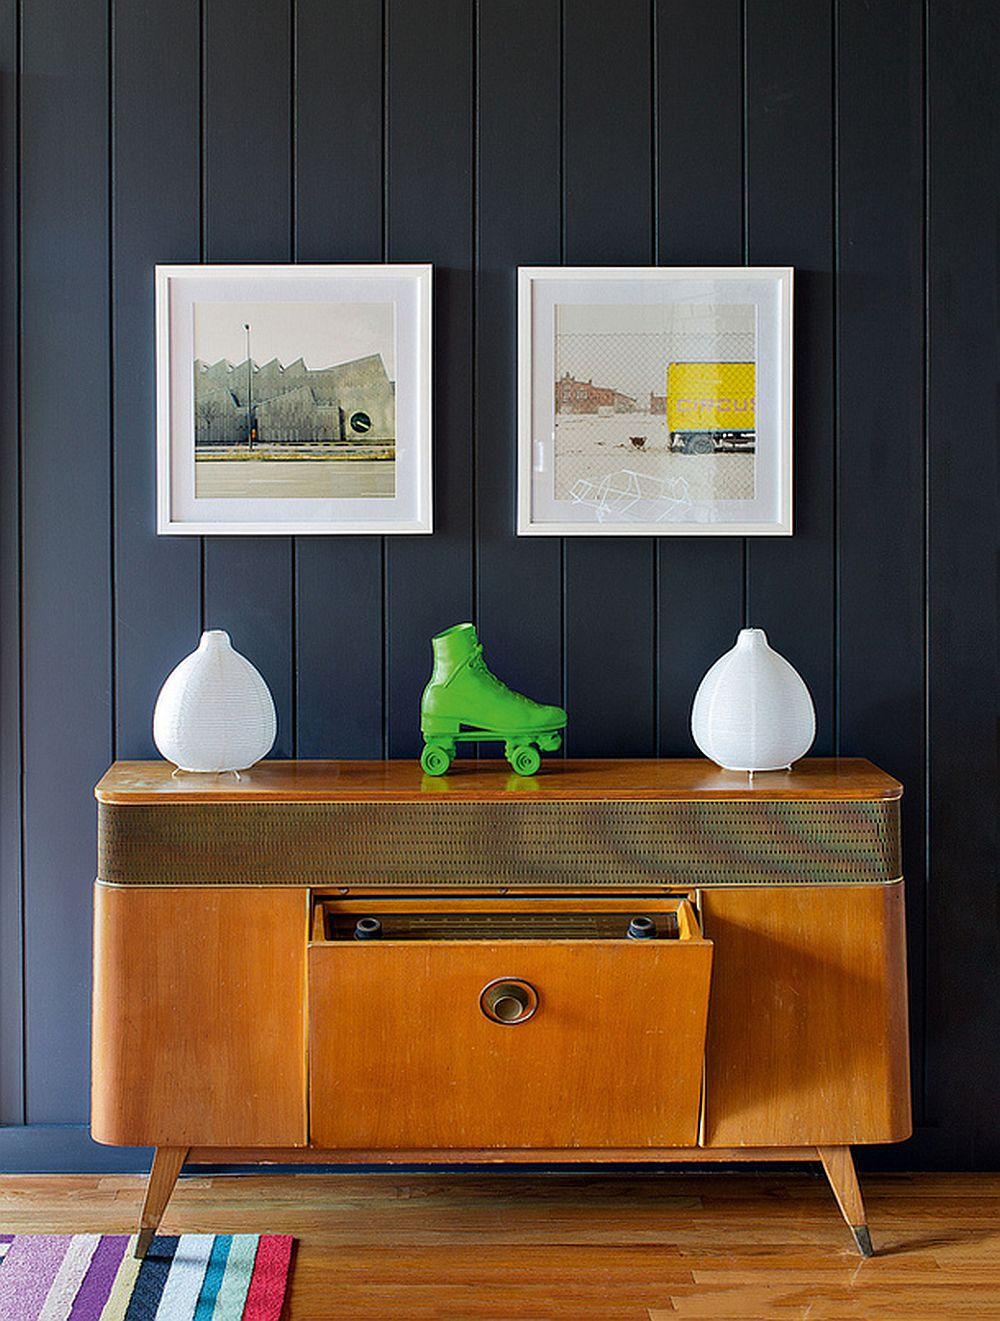 adelaparvu.com despre cabana cu interior colorat si piese de design, casa americana, designer Bradford Shellhammer, Foto Trevor Tondro (4)